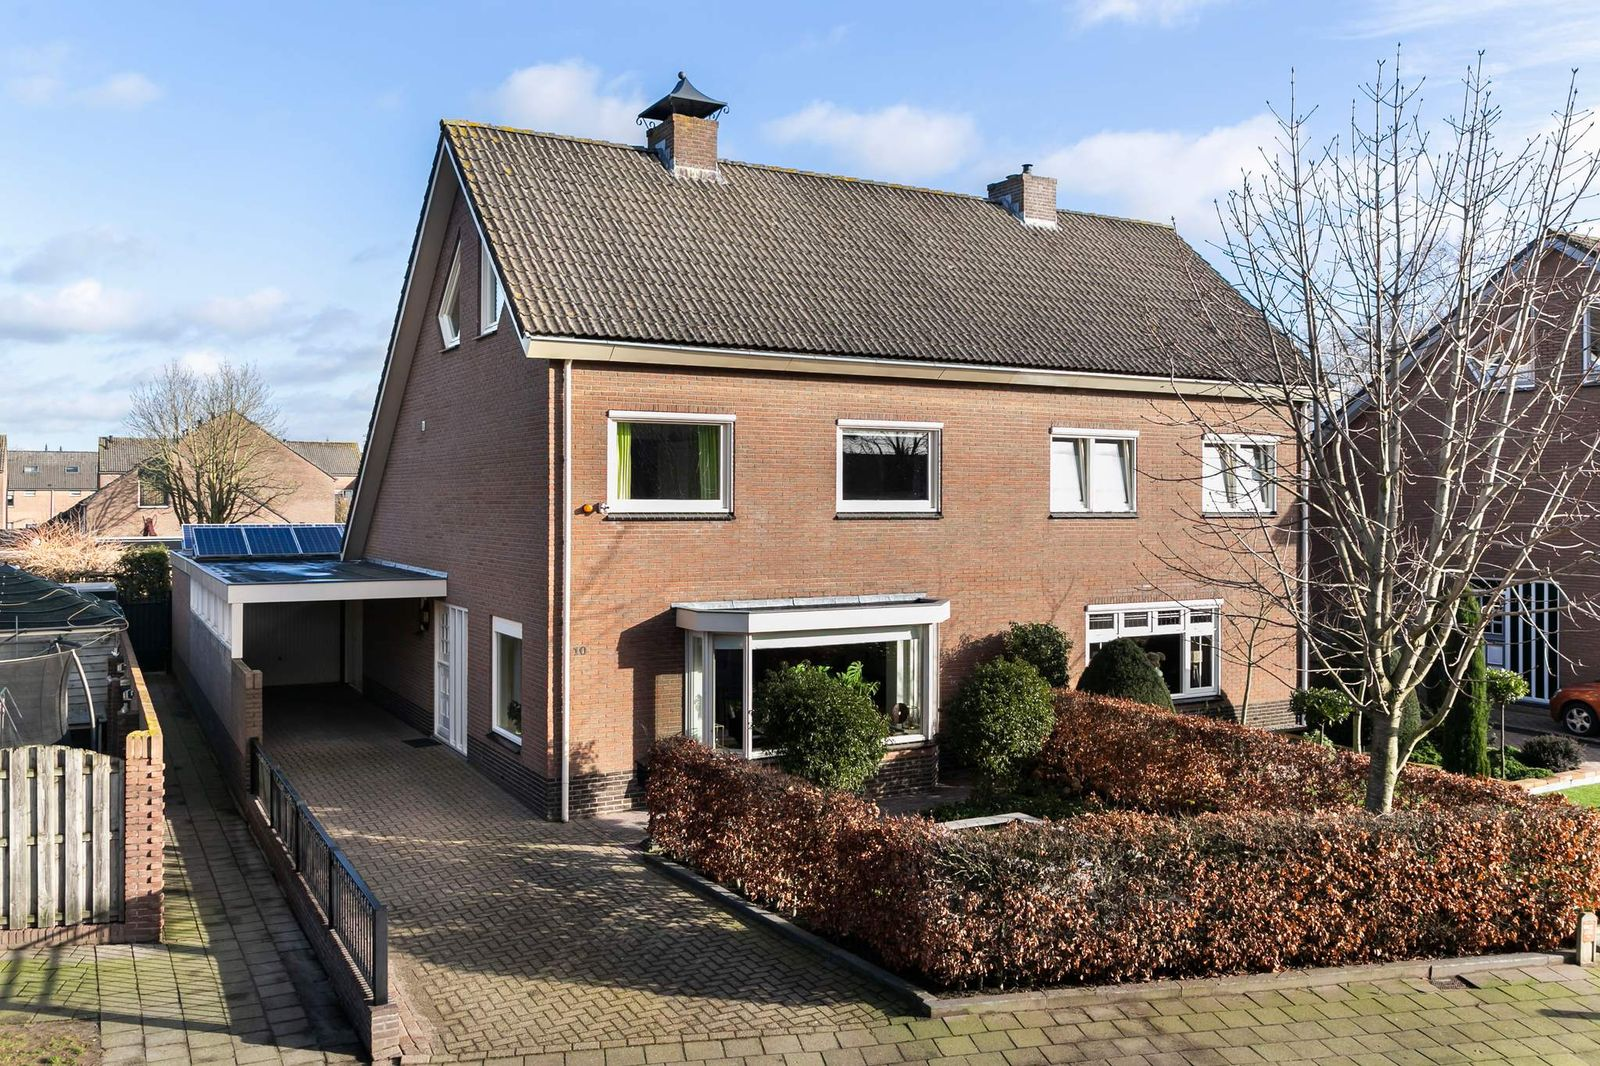 Winkelmanstraat 10, Nijkerkerveen